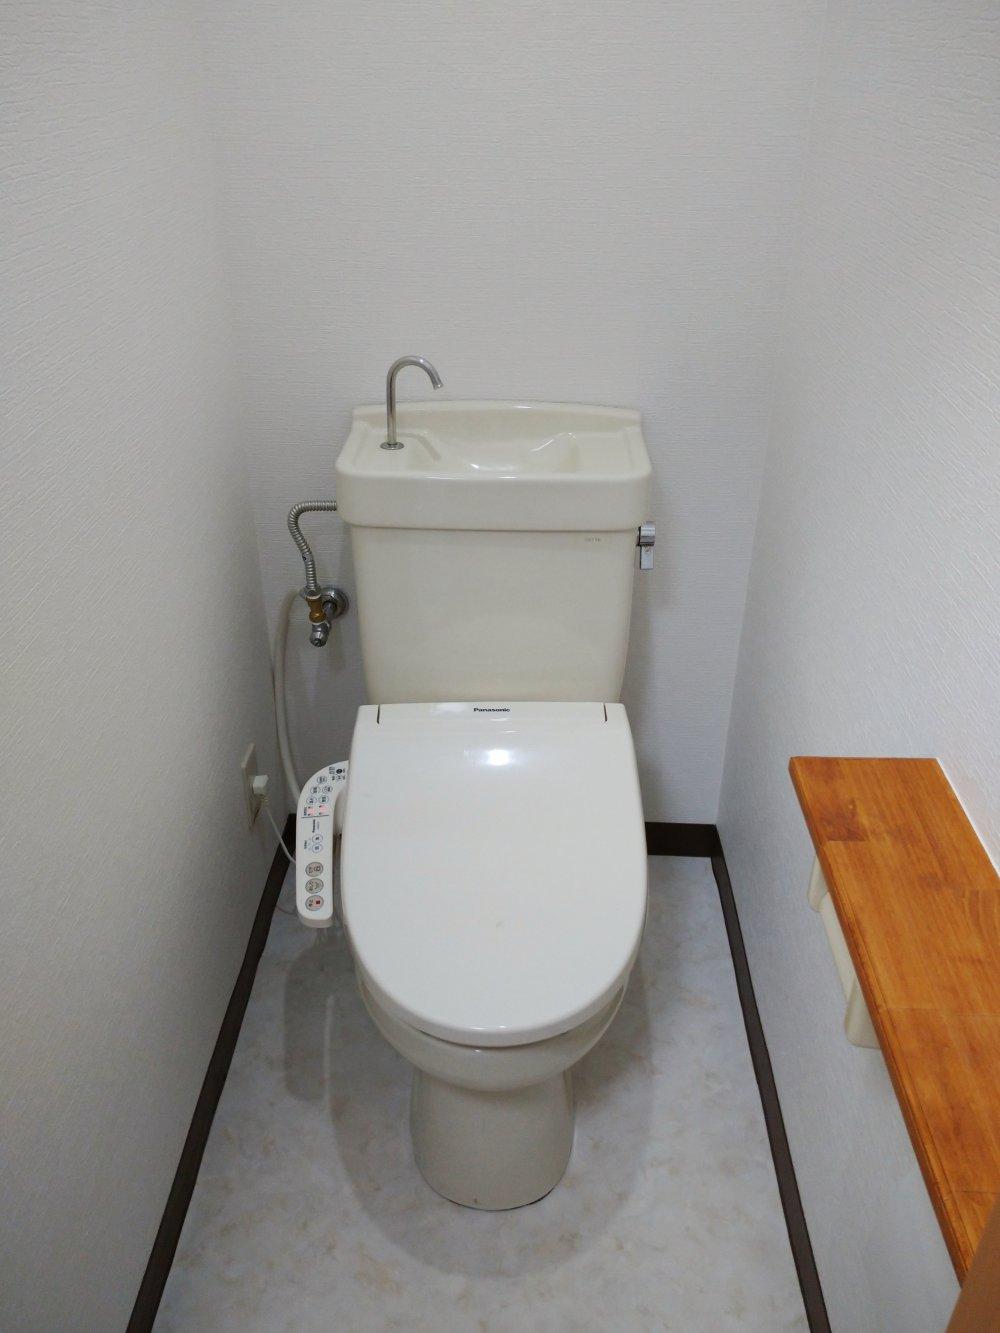 ★102号室の画像です。 こちらは飼い主ニンゲン用のお手洗い。使いやすそうな低め位置の棚がうれしい。